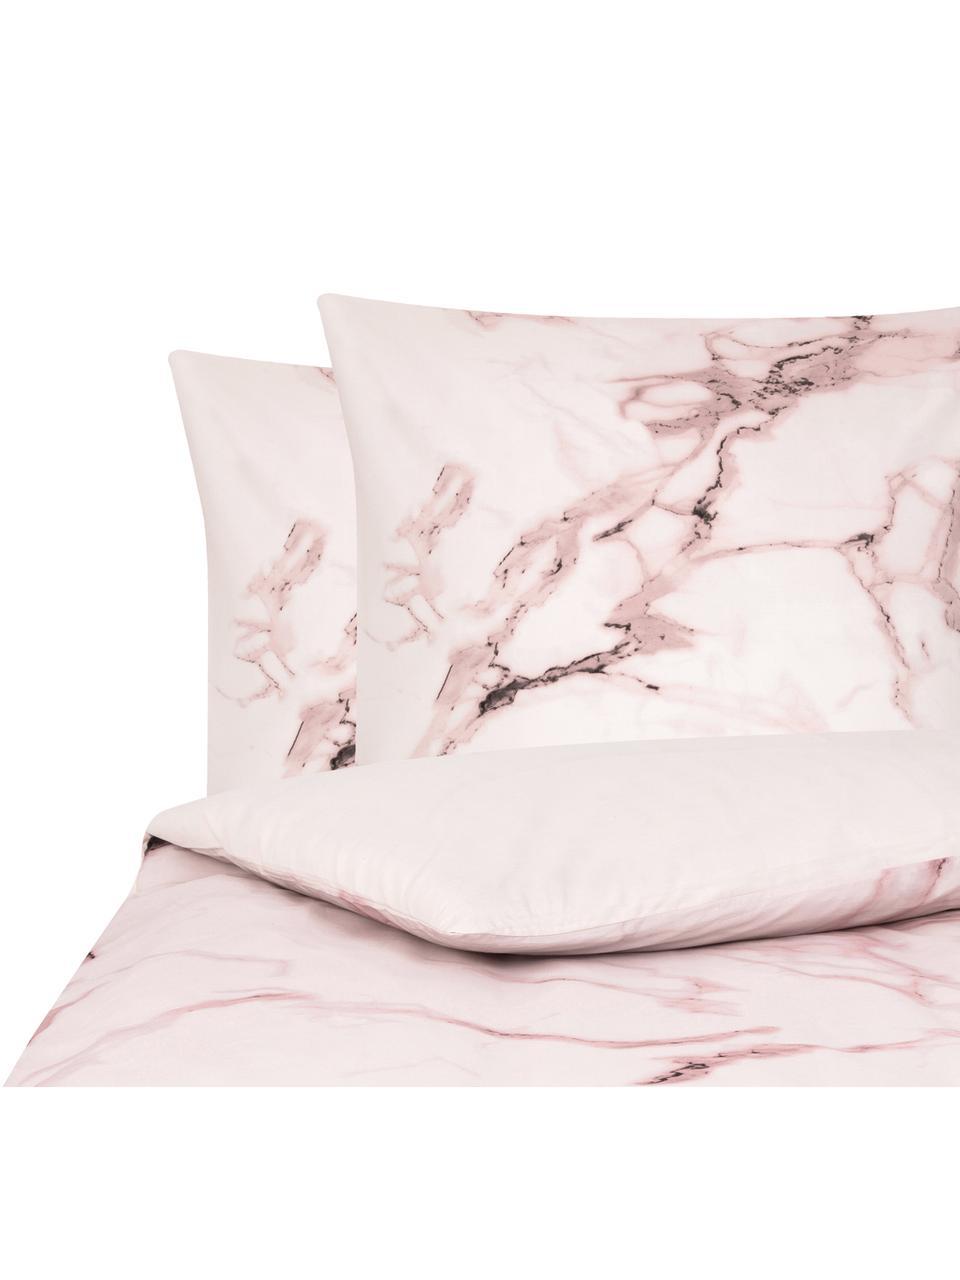 Dubbelzijdig dekbedovertrek Malin, Weeftechniek: renforcé Draaddichtheid 2, Voorzijde: marmerpatroon, roze Achterzijde: roze, Effen, 140 x 200 cm